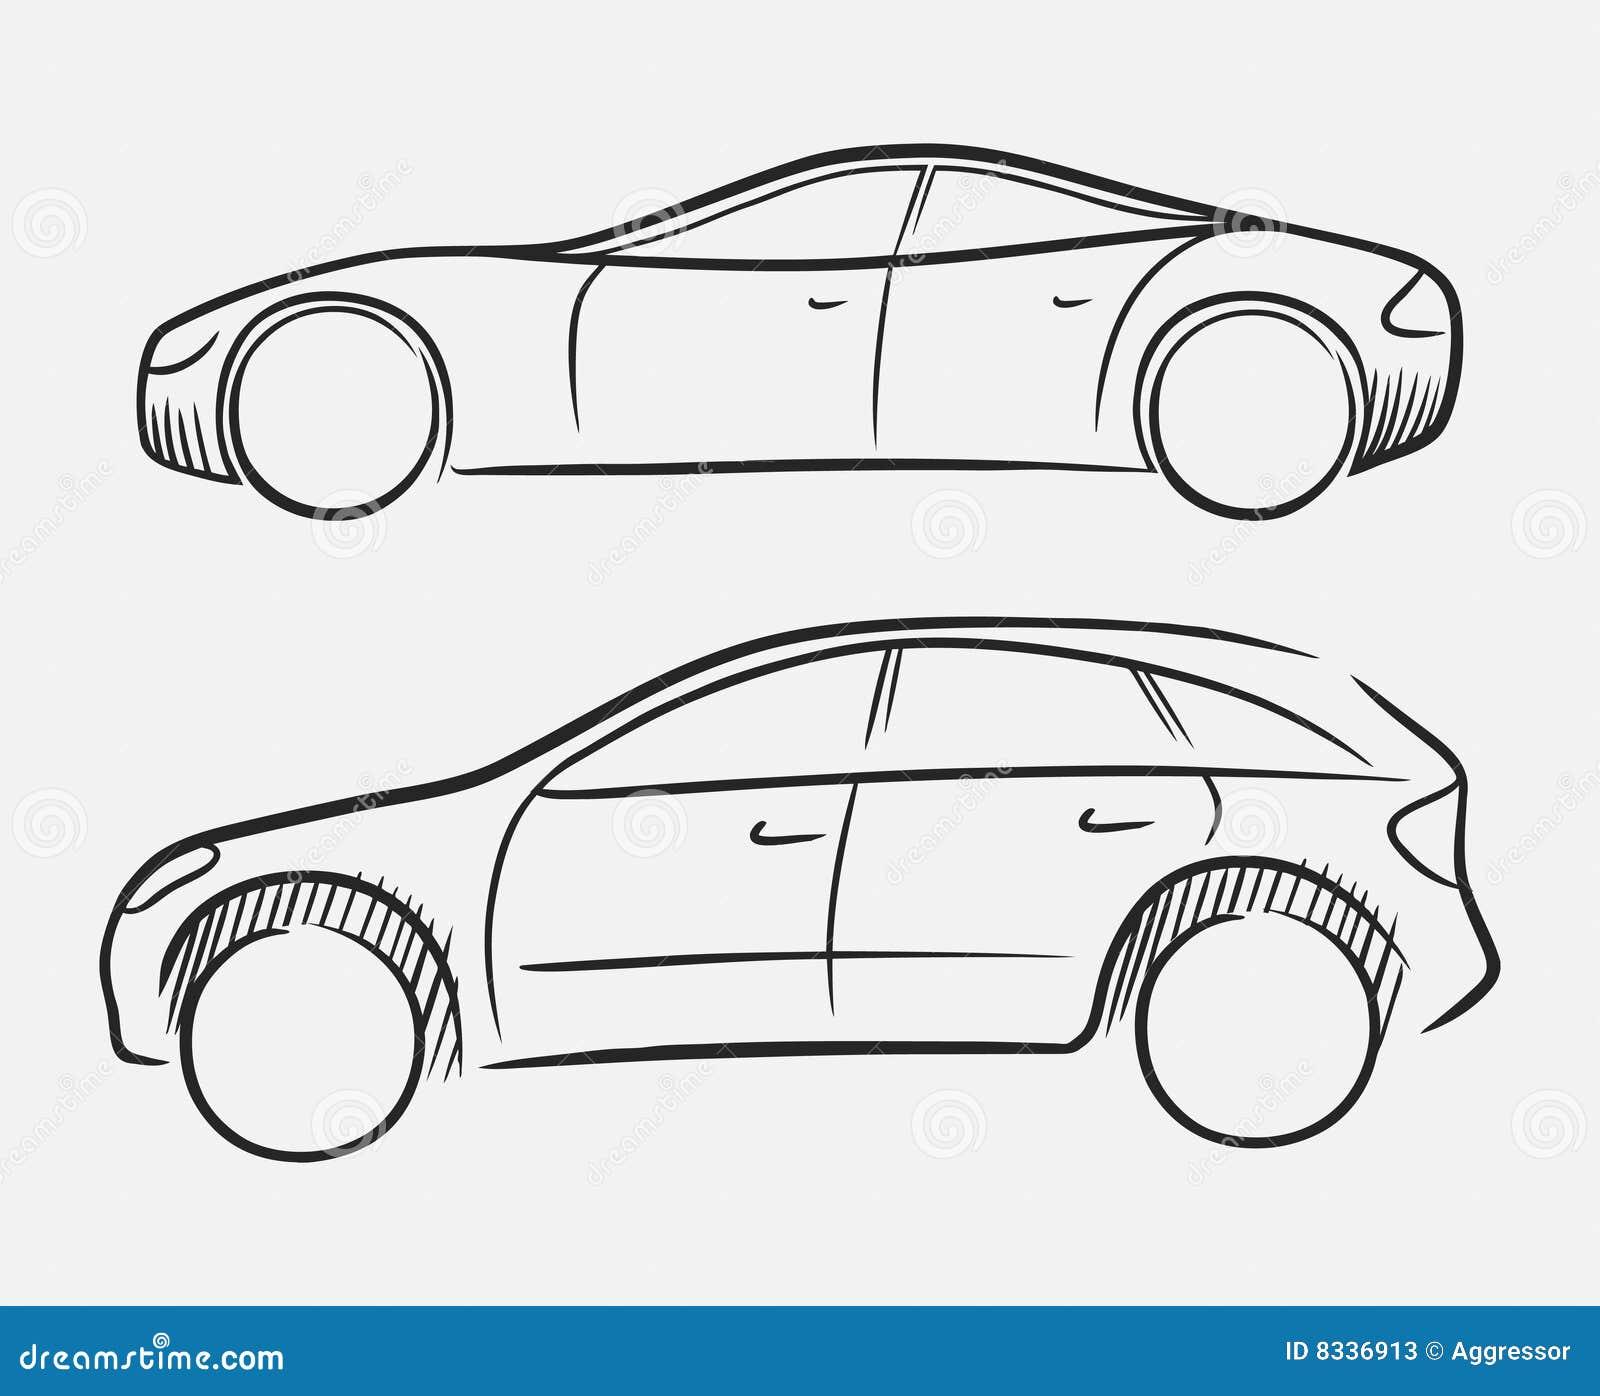 Bilar tecknad hand vektor illustrationer bild av gr tt for 3d sketch online free